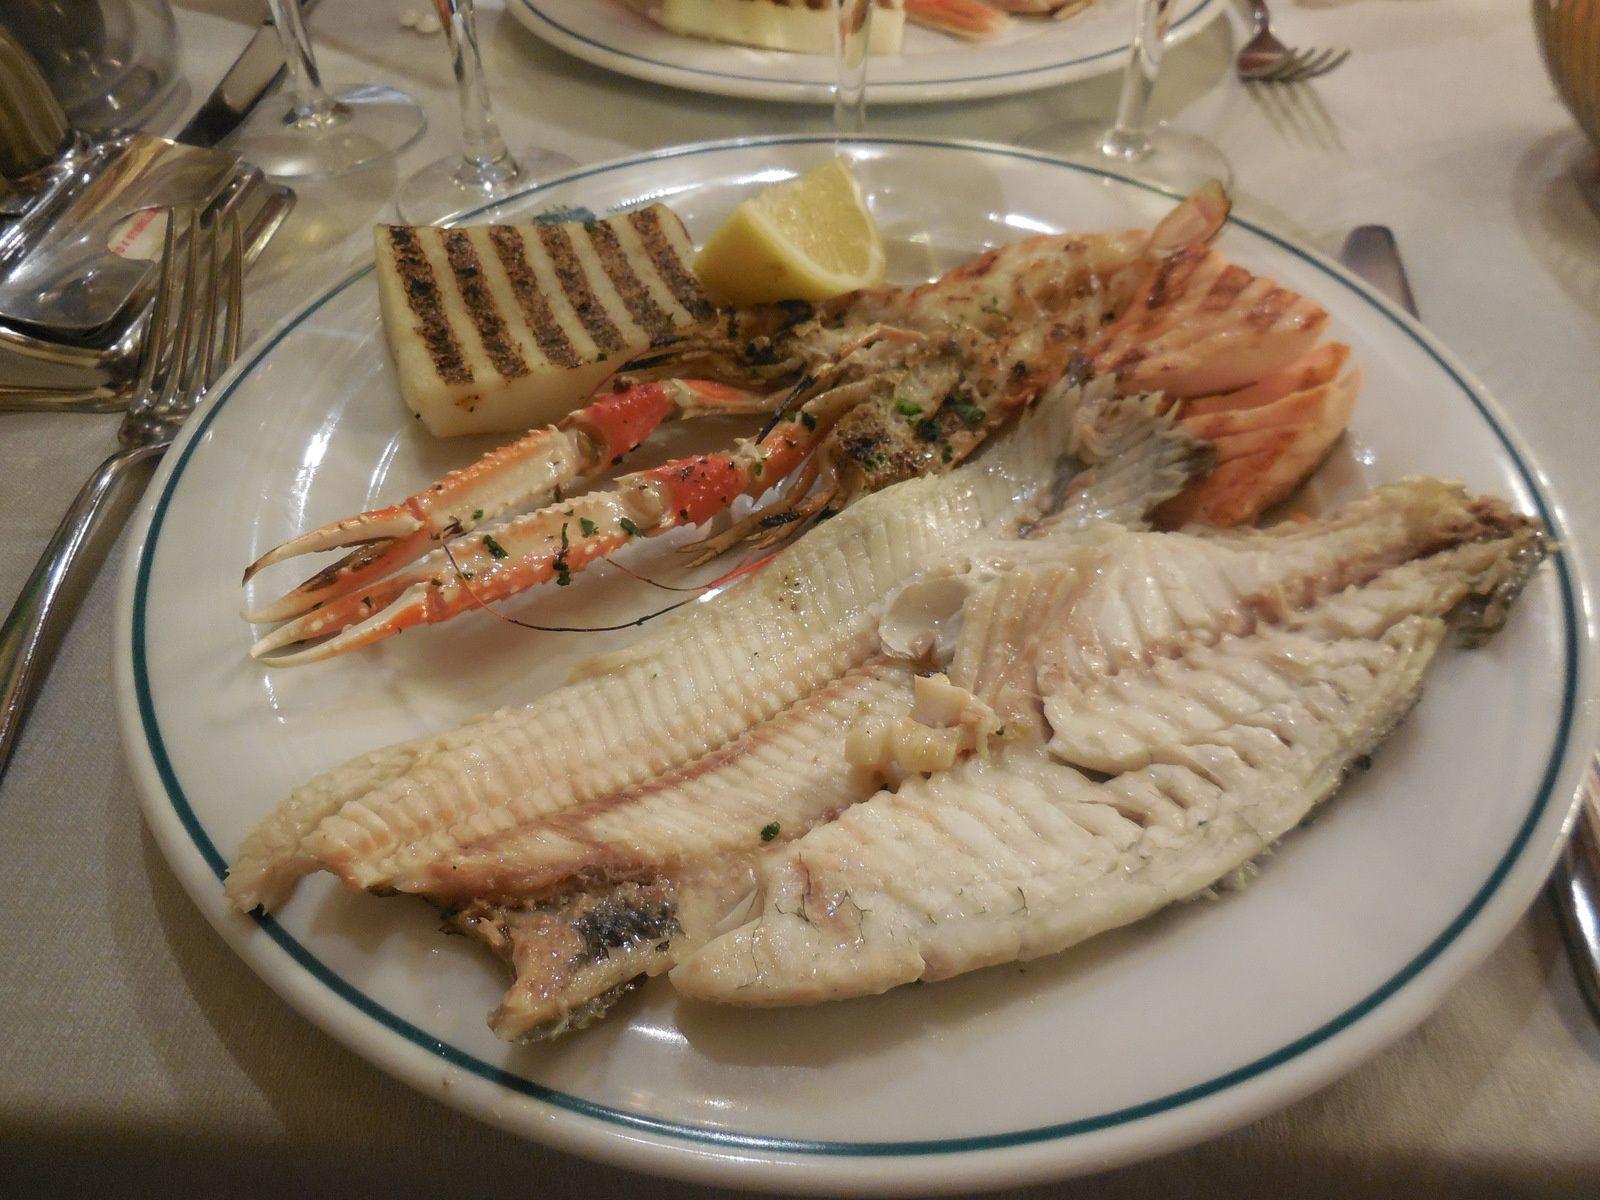 Ah, ne pas oublier la gastronomie vénitienne! (Faire attention tout de même aux devantures de restaurants qui attirent l'oeil...à l'intérieur, il peut y avoir de mauvaises surprises!)